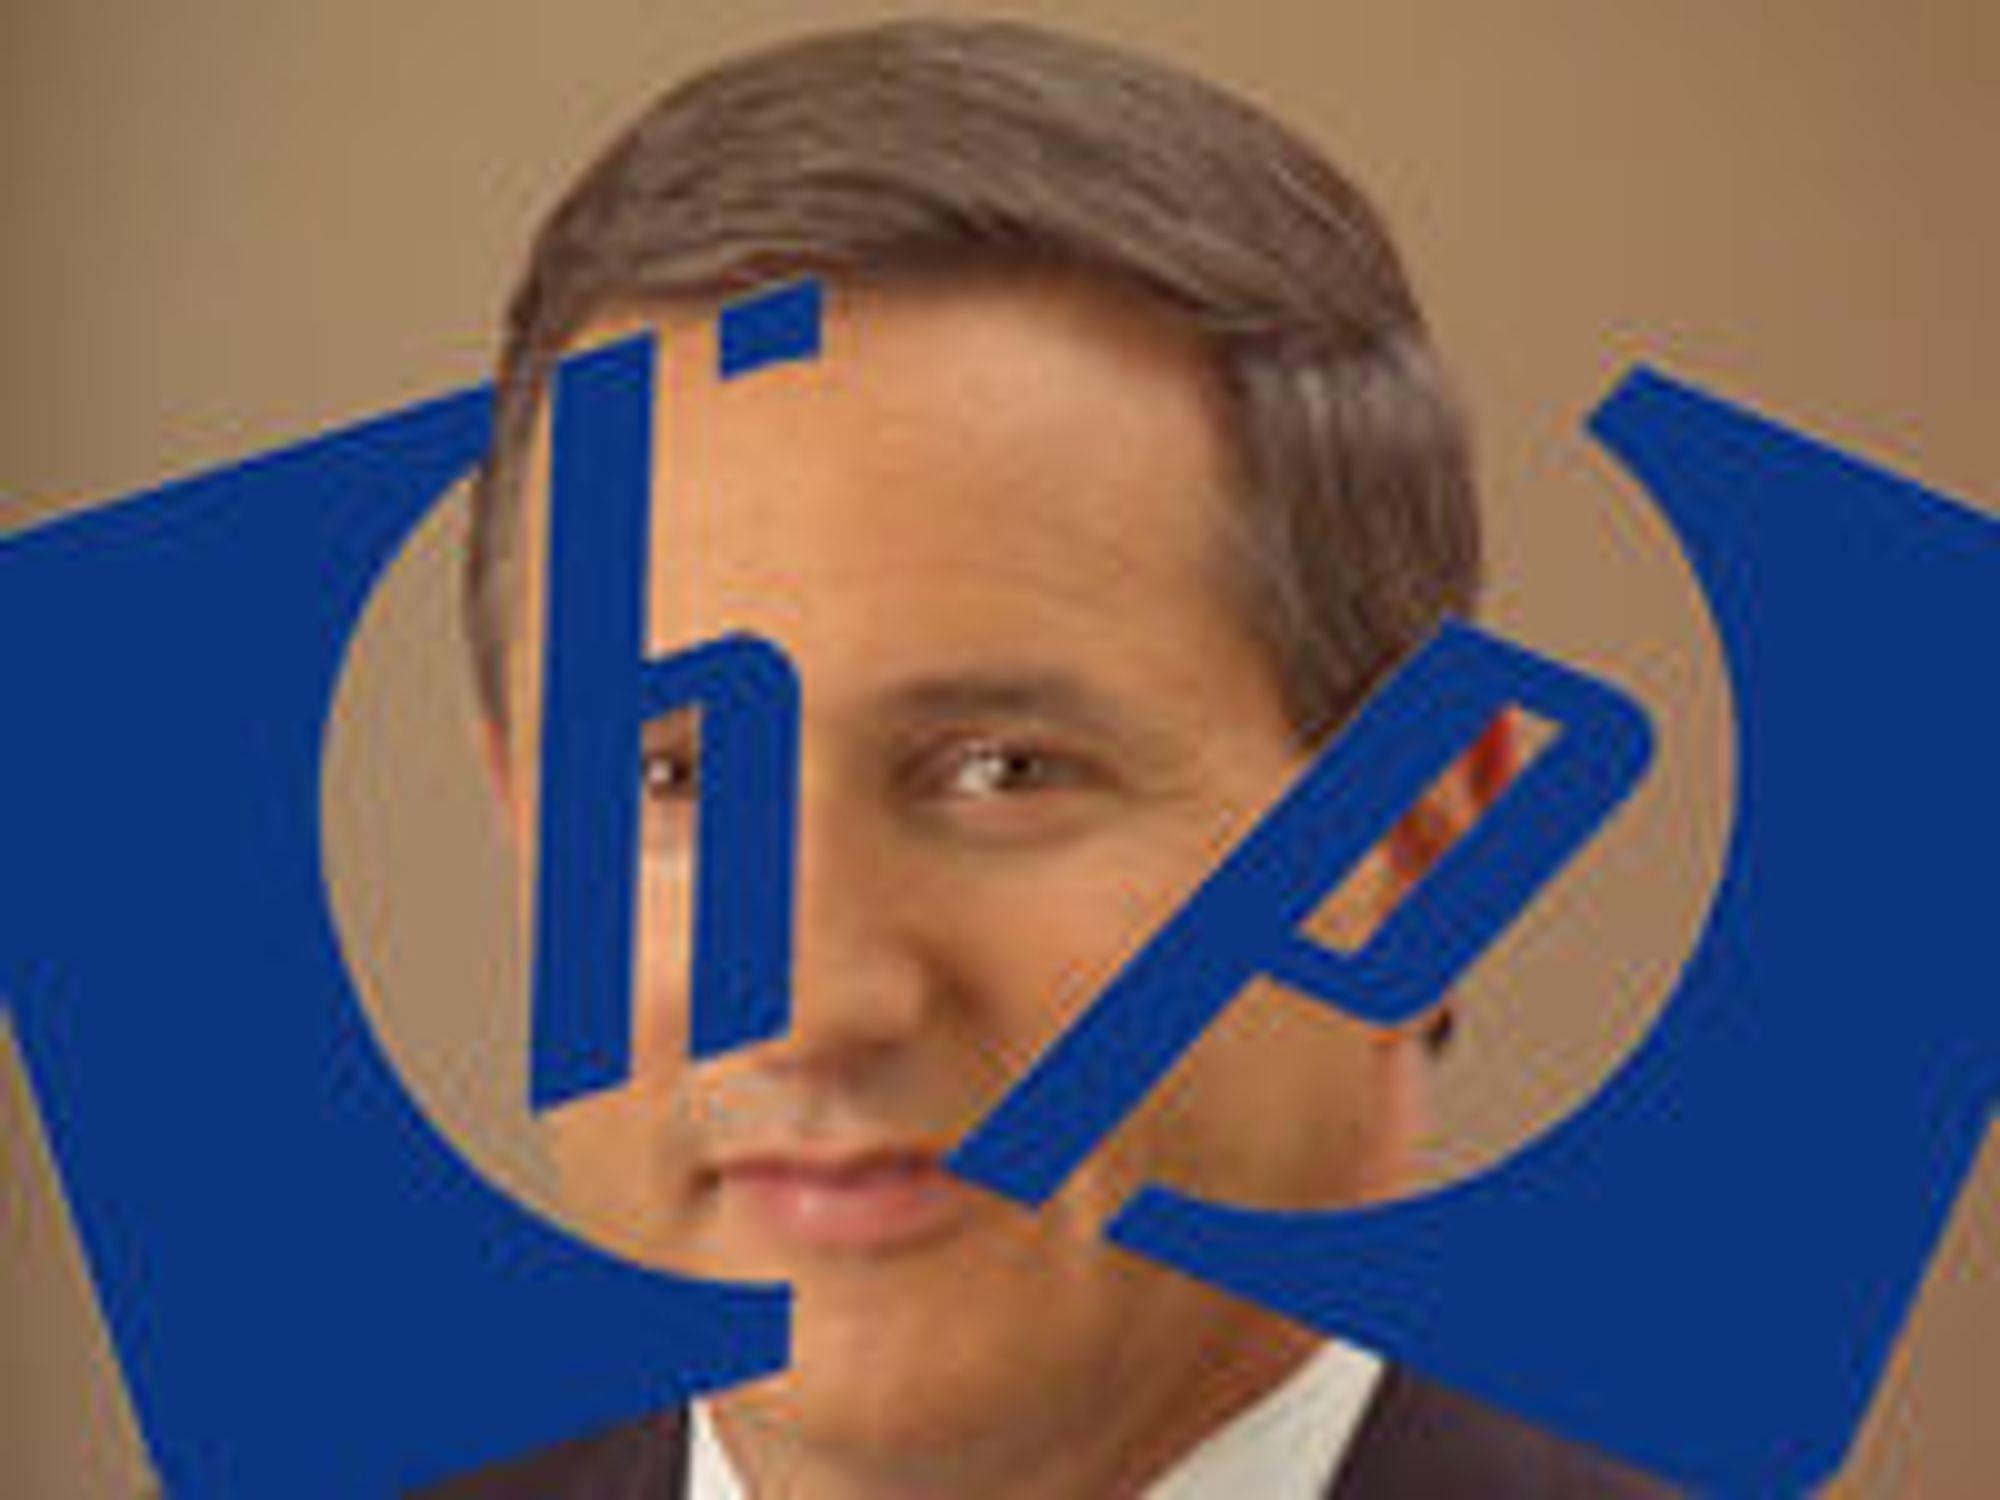 Avgangen til Mark Hurd i august 2010 etterlot sterk splittelse i HP.